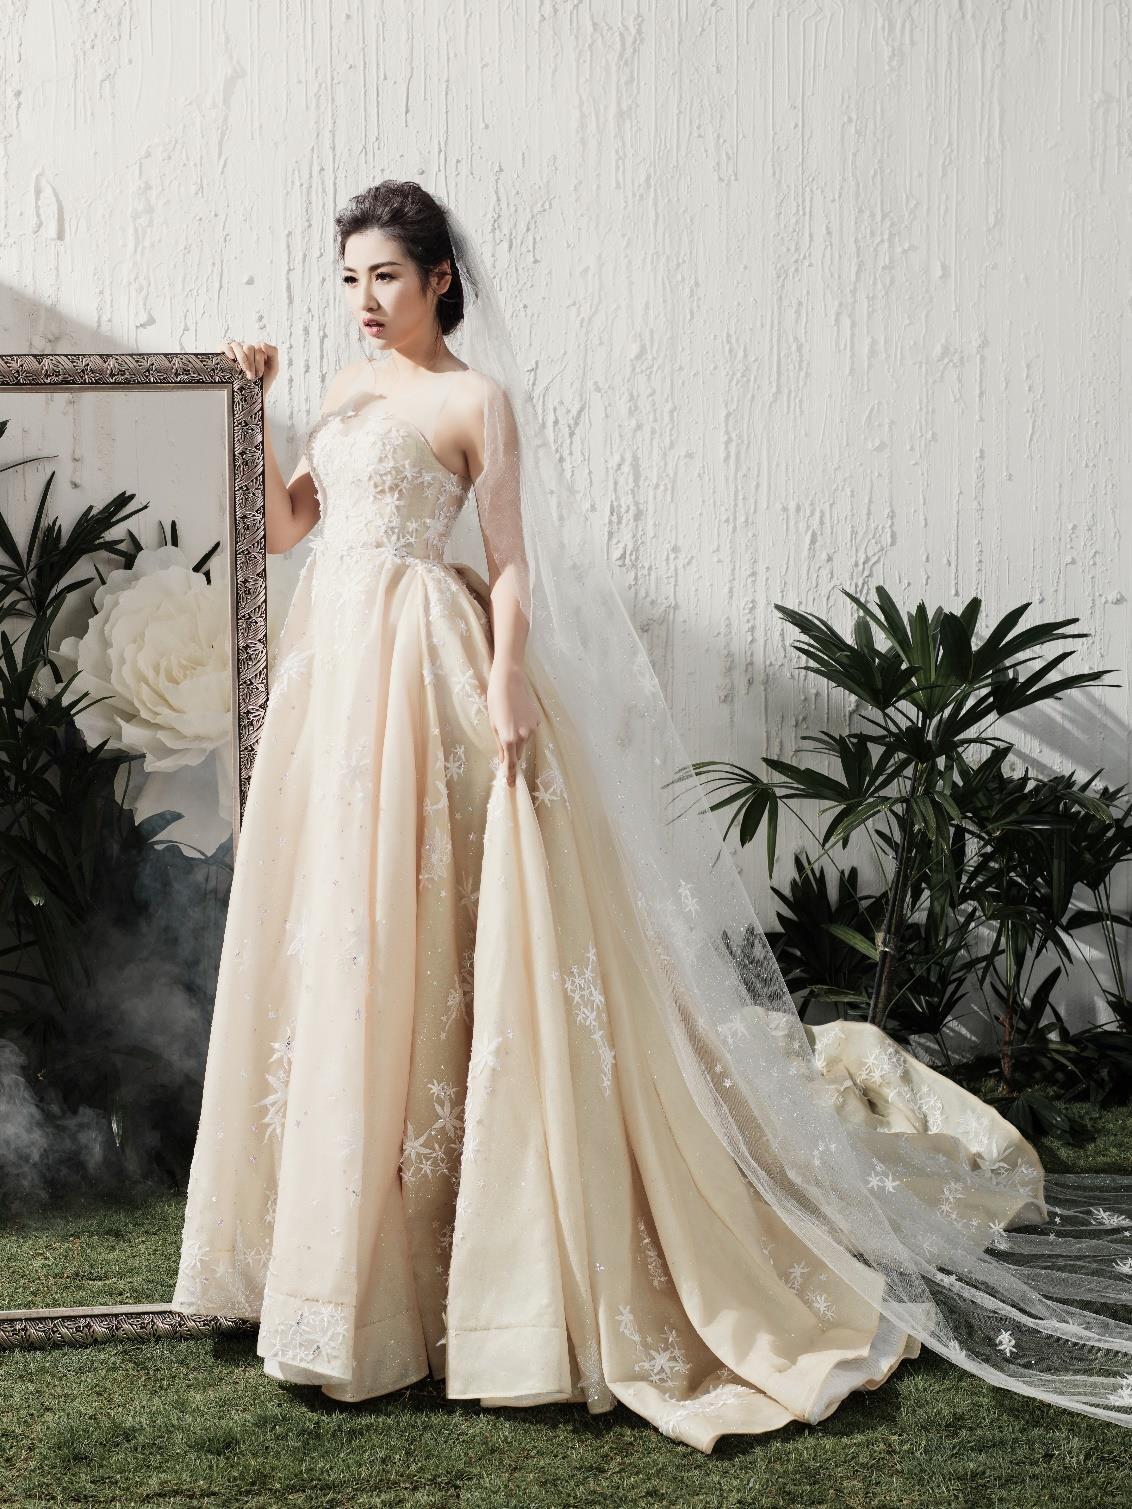 Á hậu Tú Anh đẹp thuần khiết trong BST váy cưới 2017 của Hacchic Bridal - Ảnh 8.